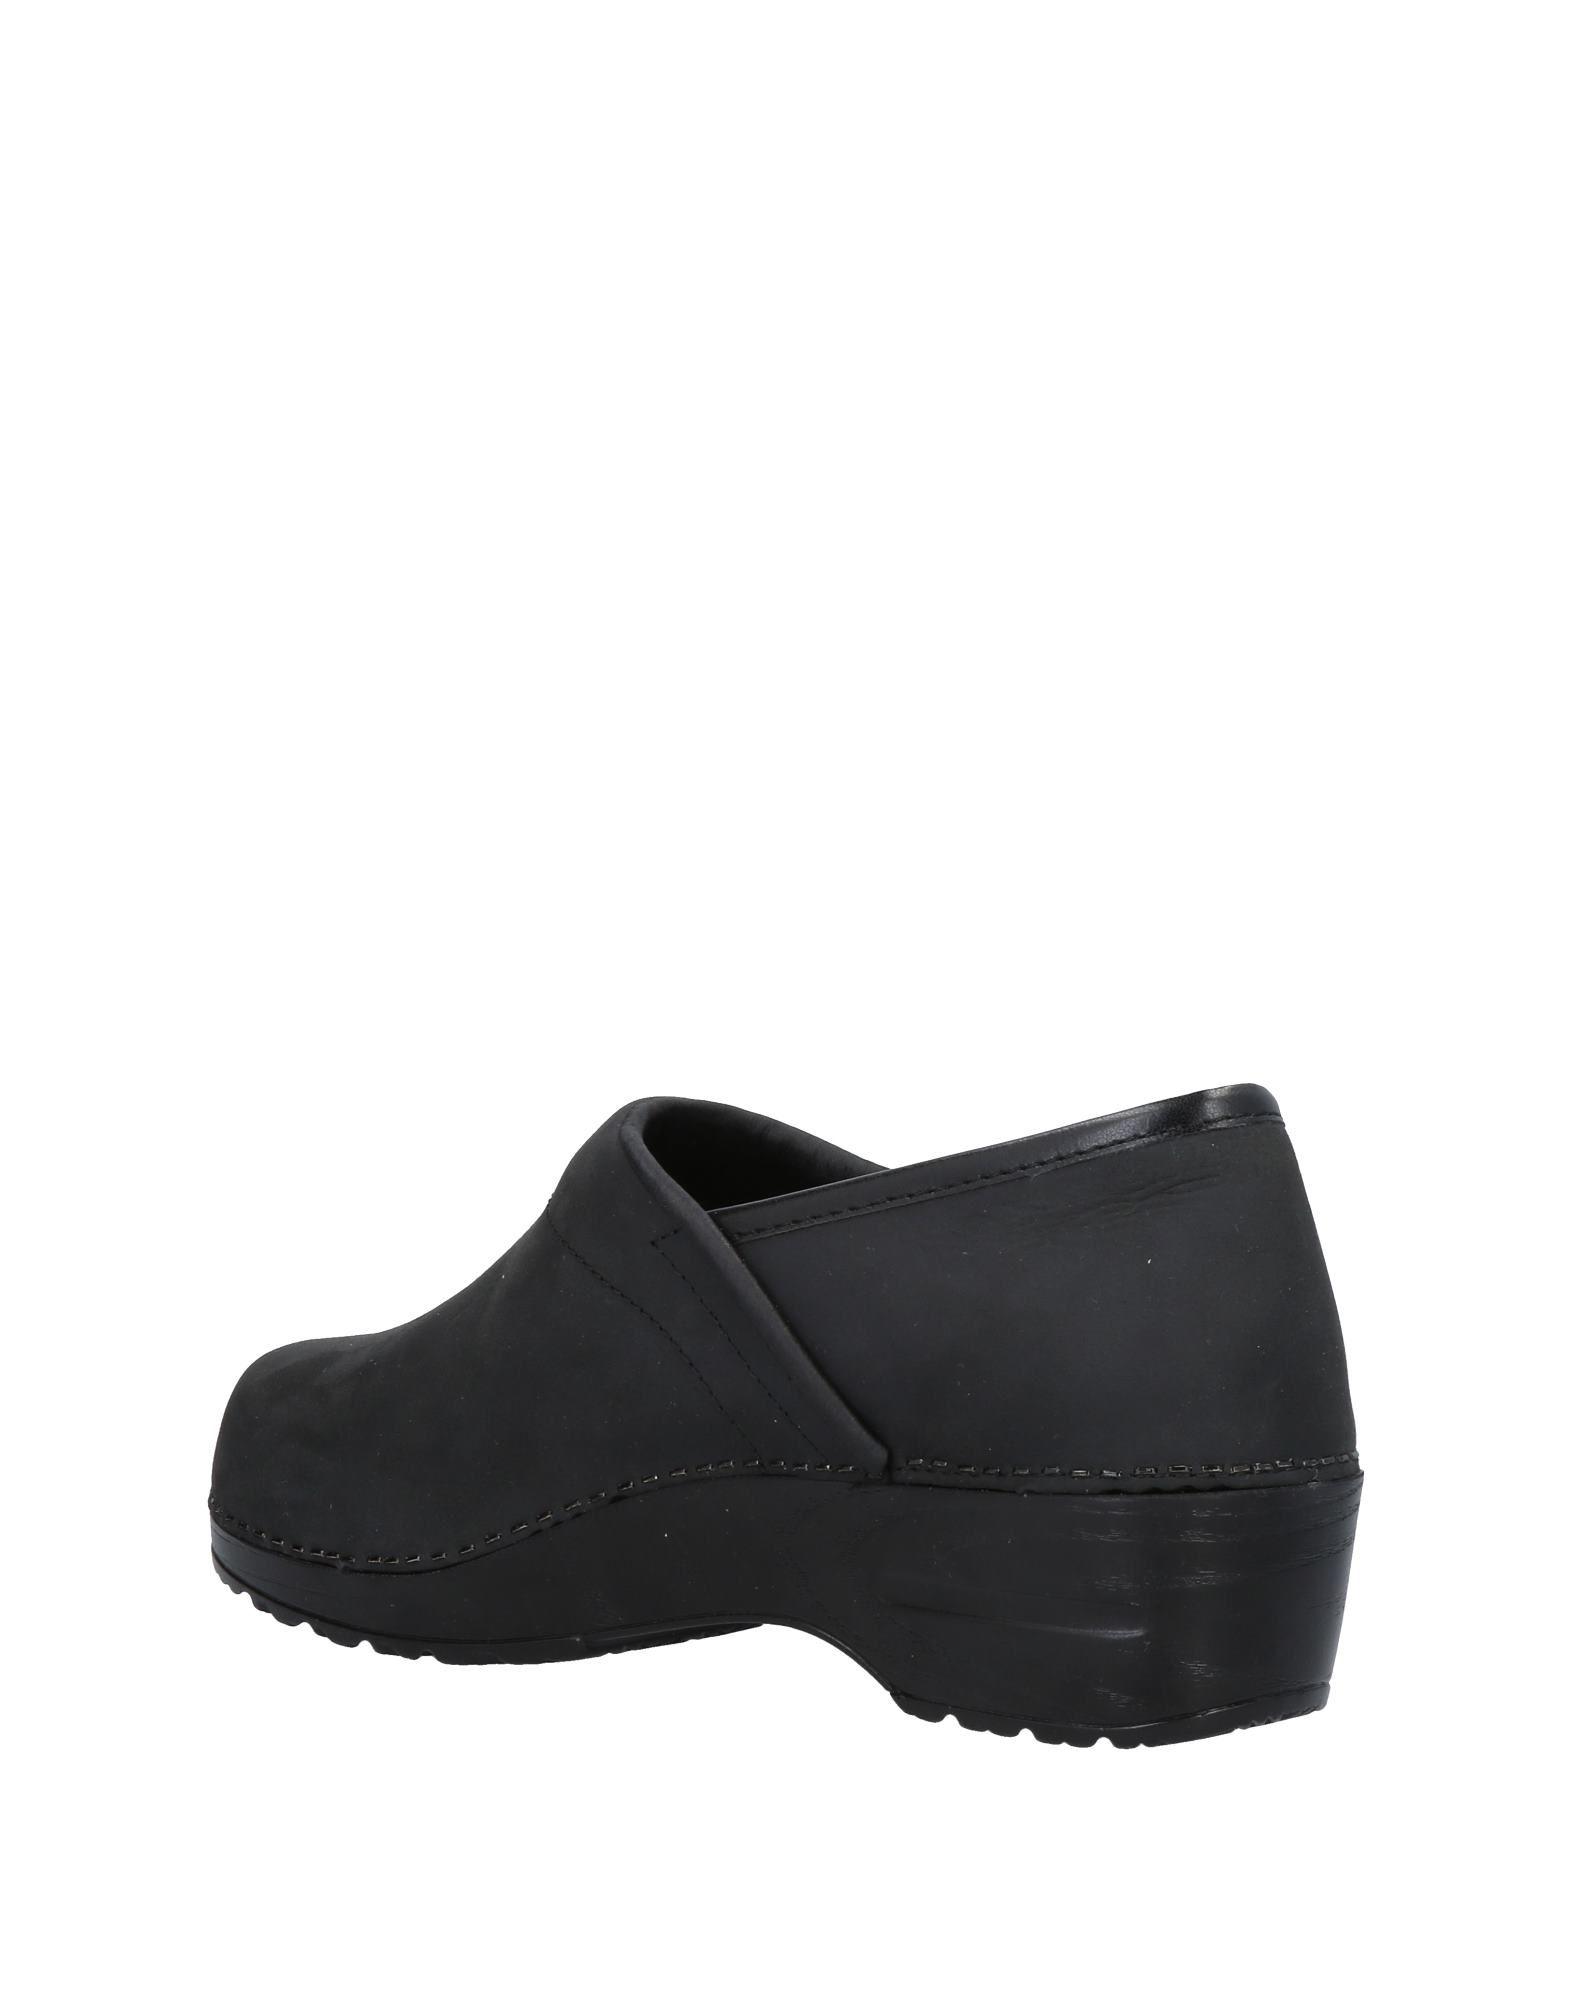 Geneve Gute Mokassins Damen  11486136GQ Gute Geneve Qualität beliebte Schuhe 66114c